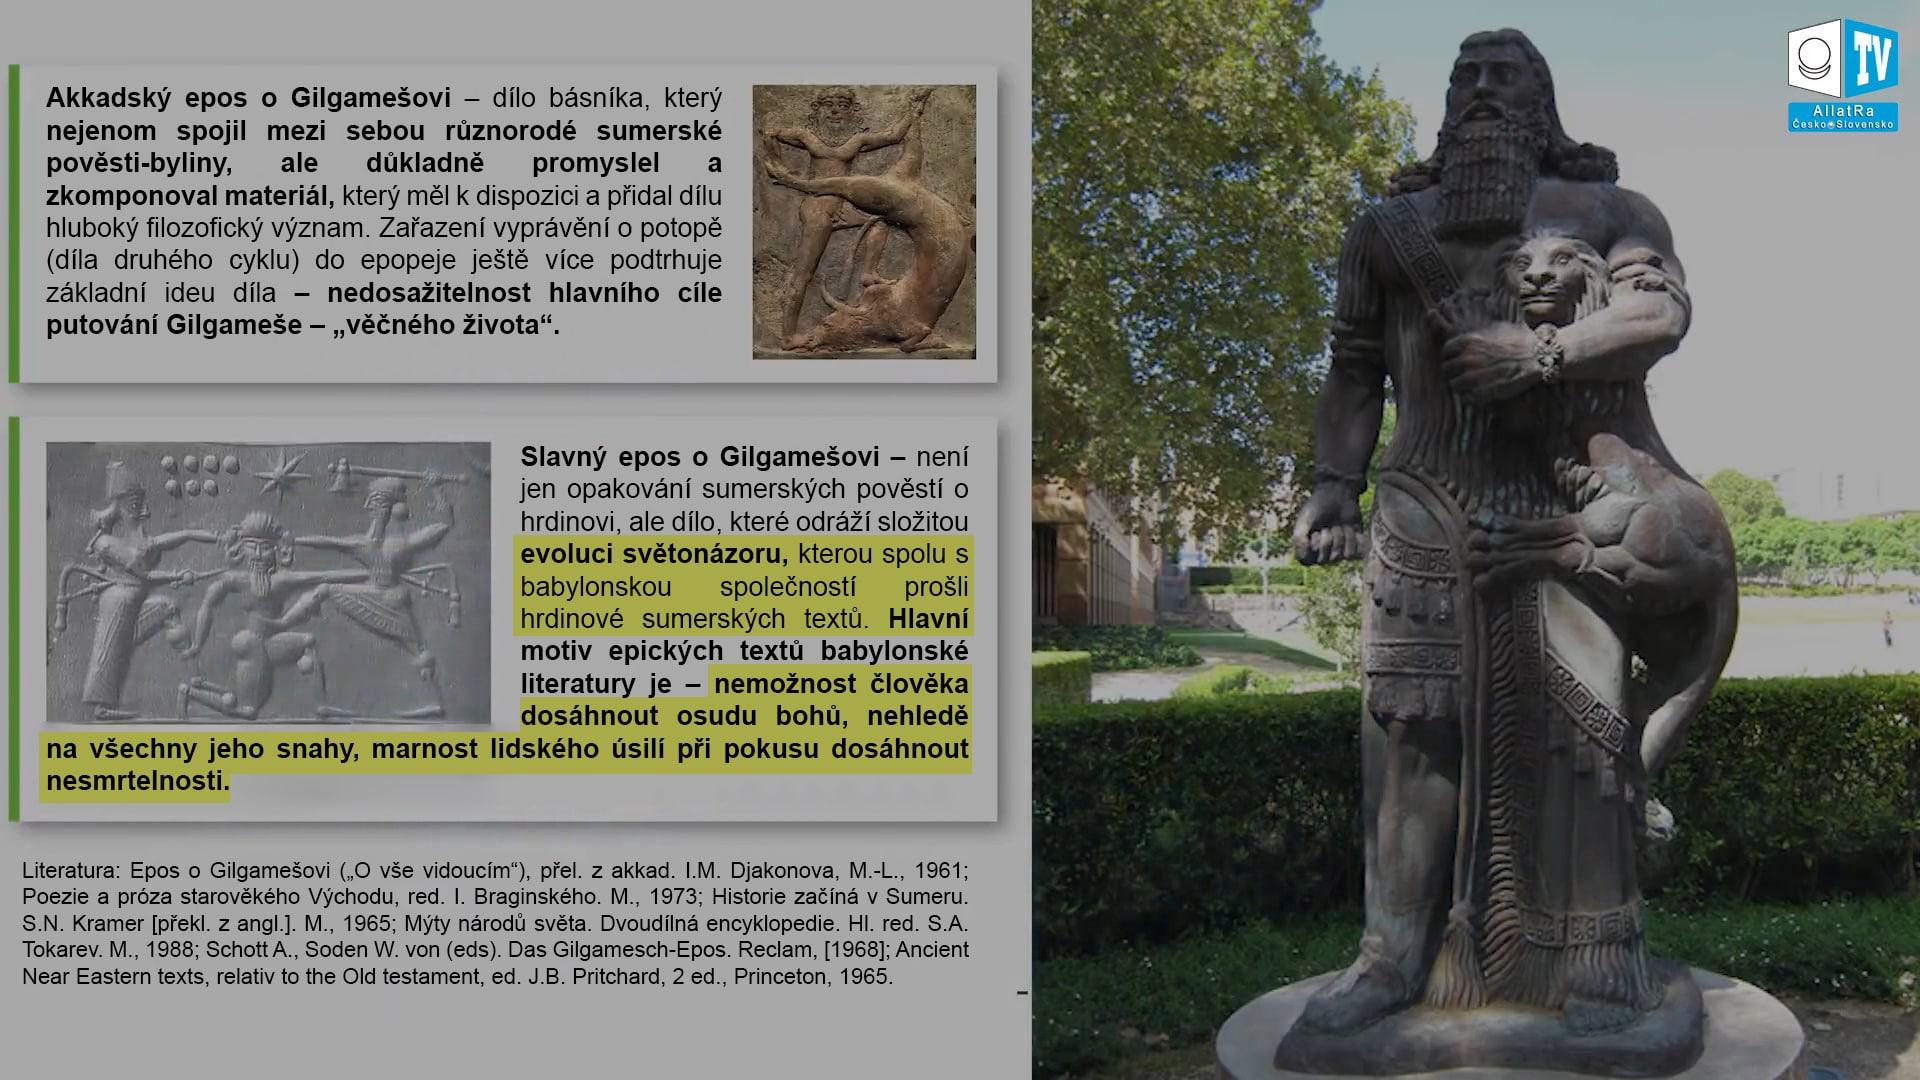 Akkadský epos o Gilgamešovi.